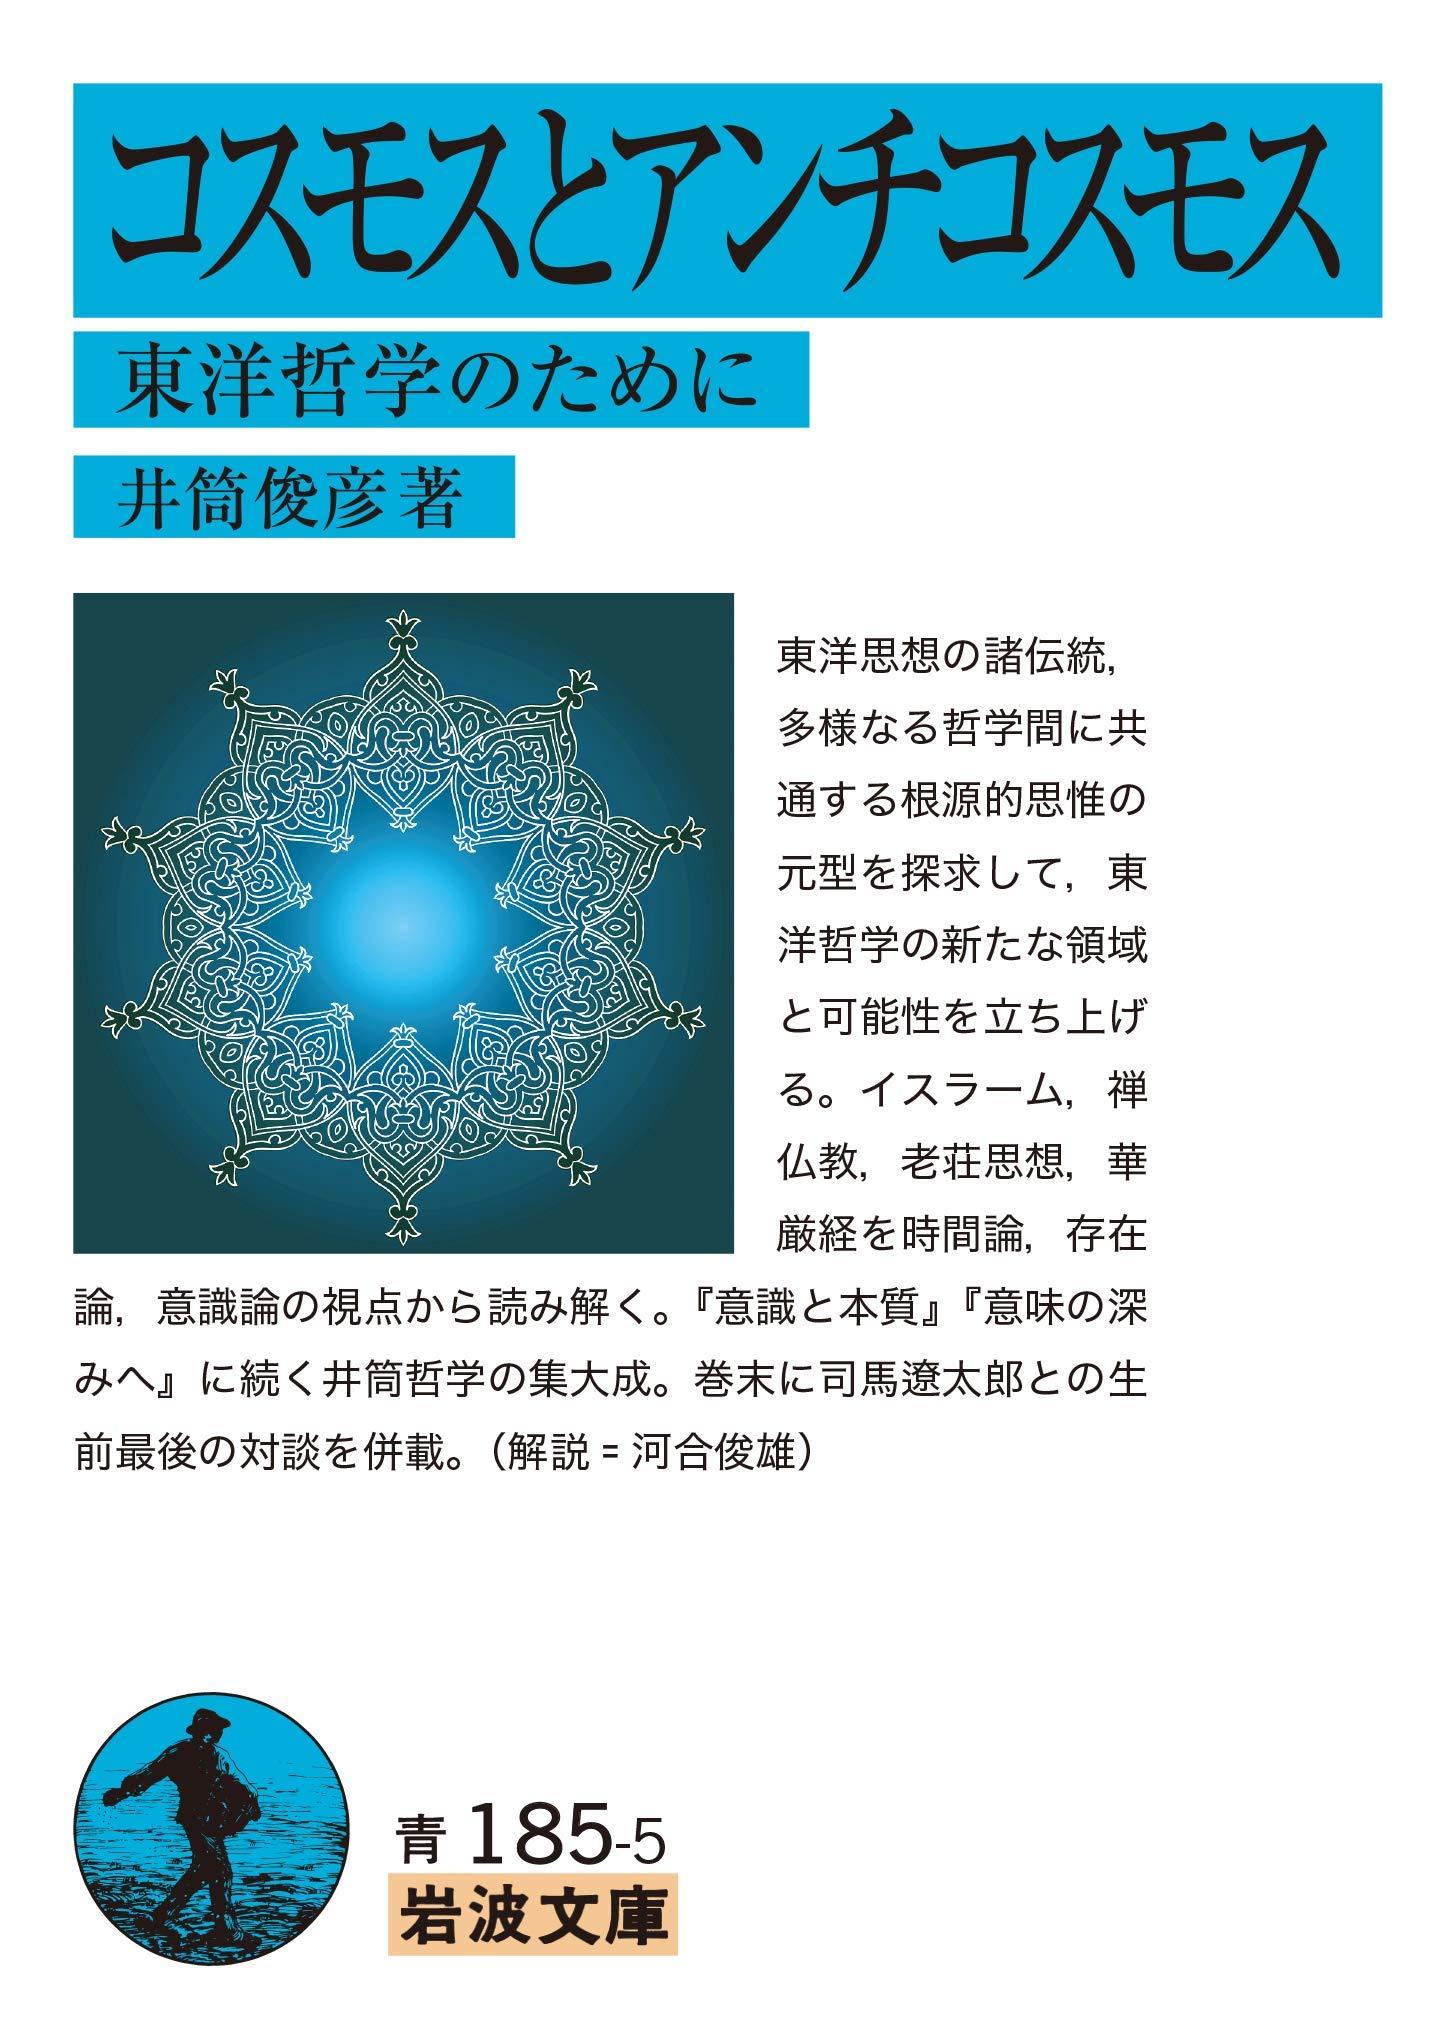 井筒俊彦(2019)『コスモスとアンチコスモス 東洋哲学のために』岩波文庫